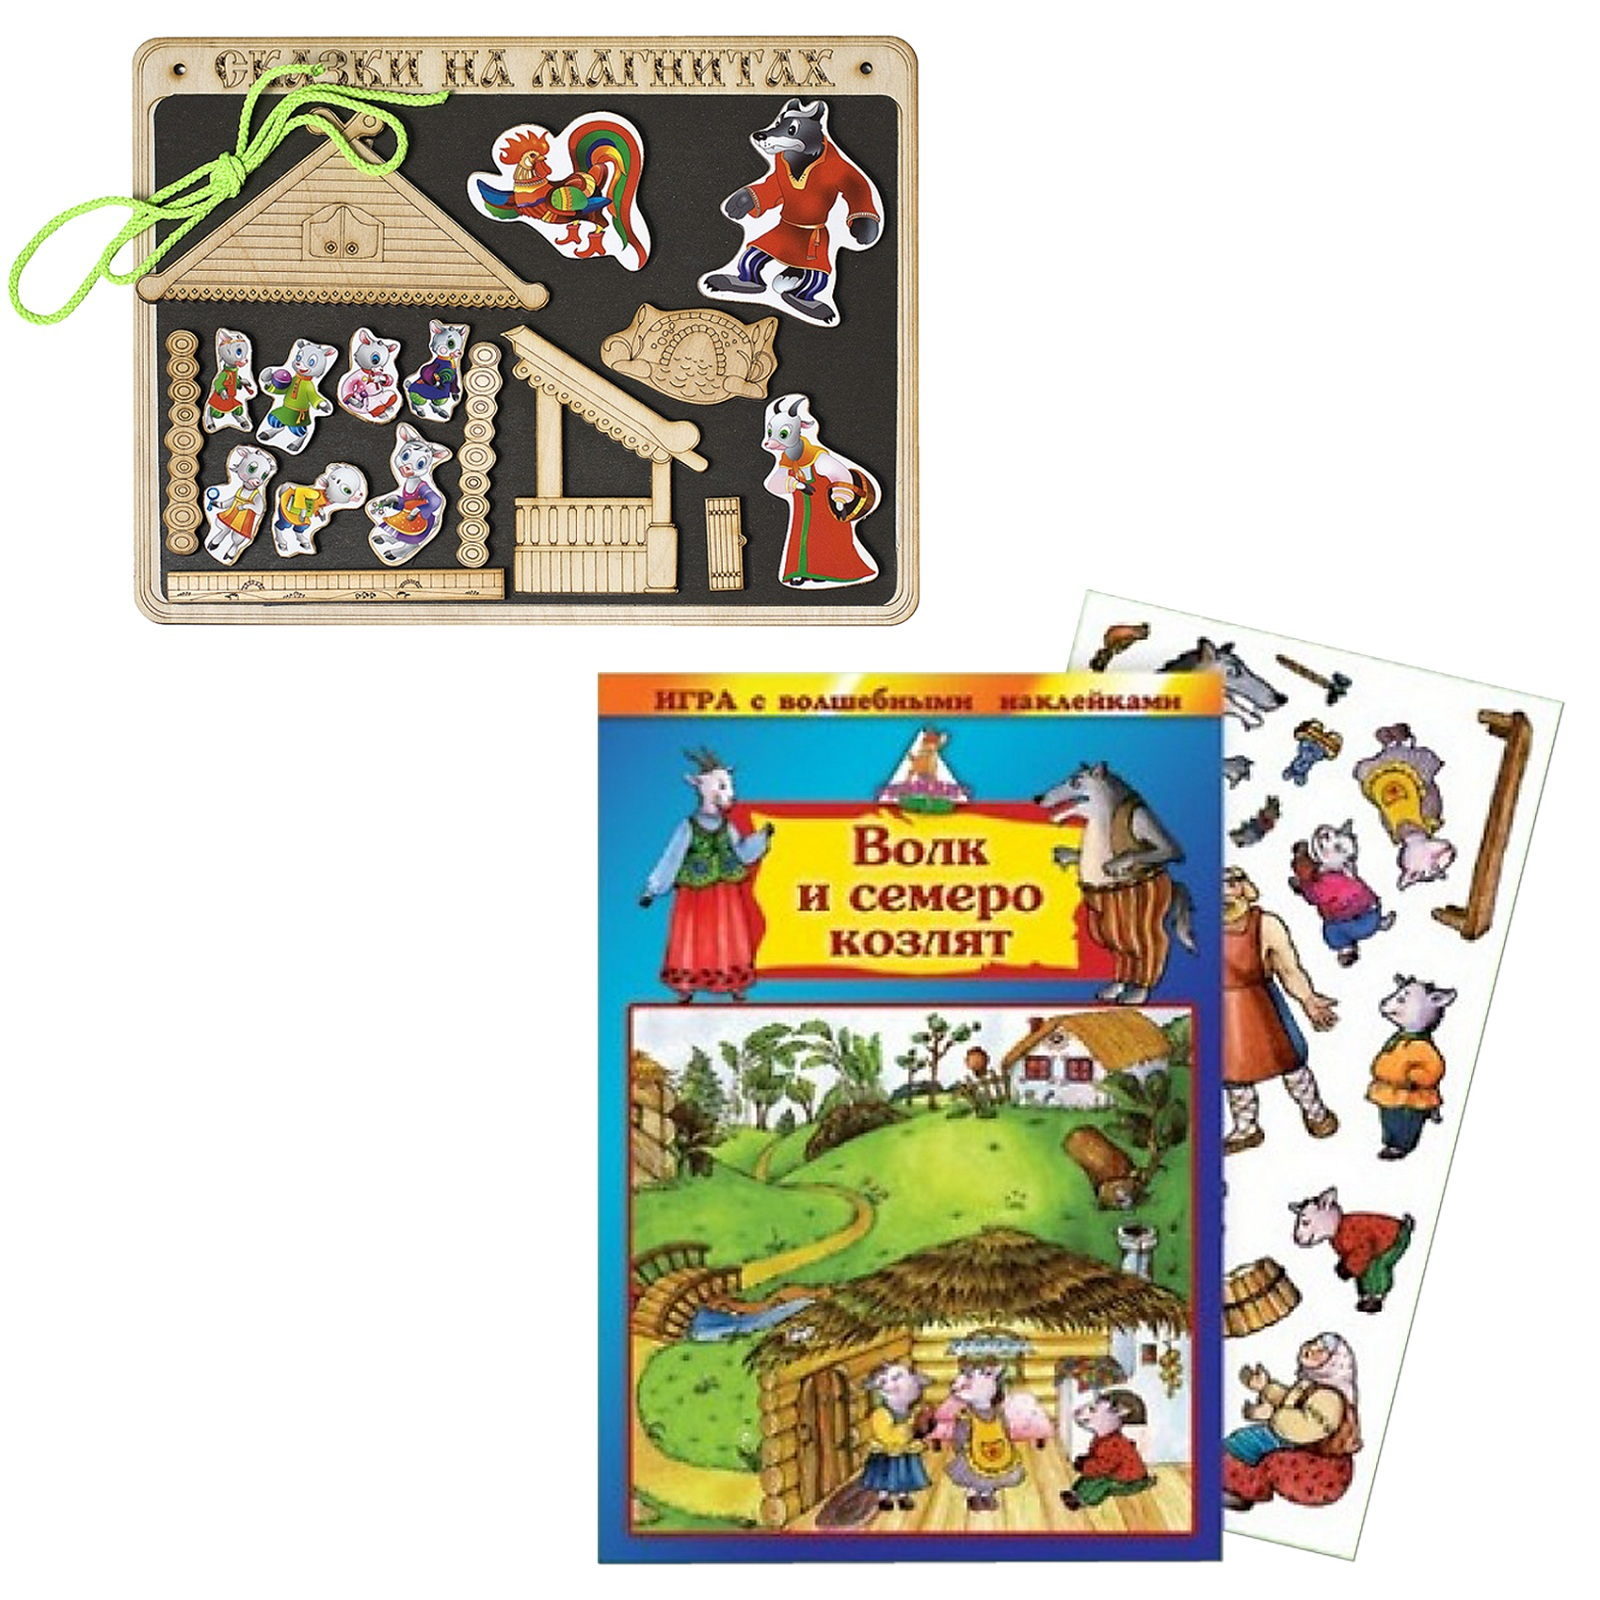 Купить Сказки на магнитах Нескучные Игры Волк и 7 козлят + Игра с наклейками Волк и семеро козлят,